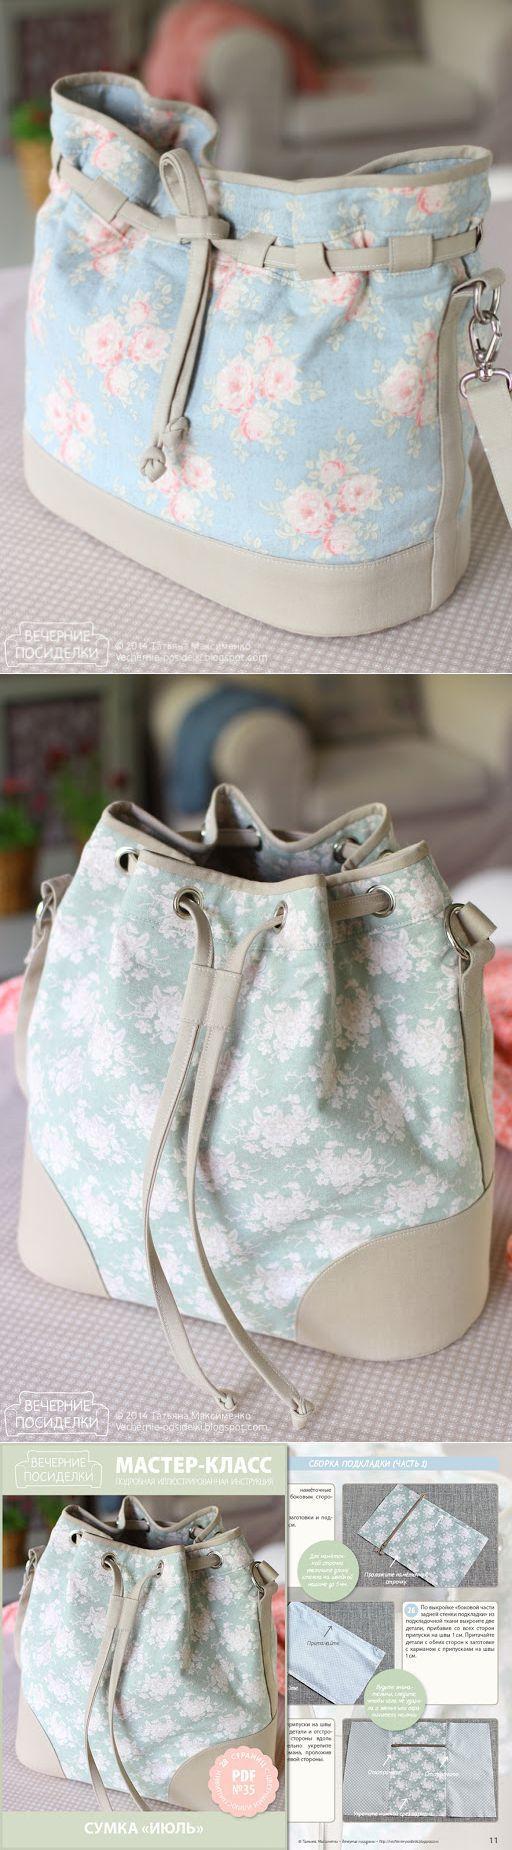 Новые летние сумки — мастер-классы / New summer bags tutorials - Вечерние посиделки: